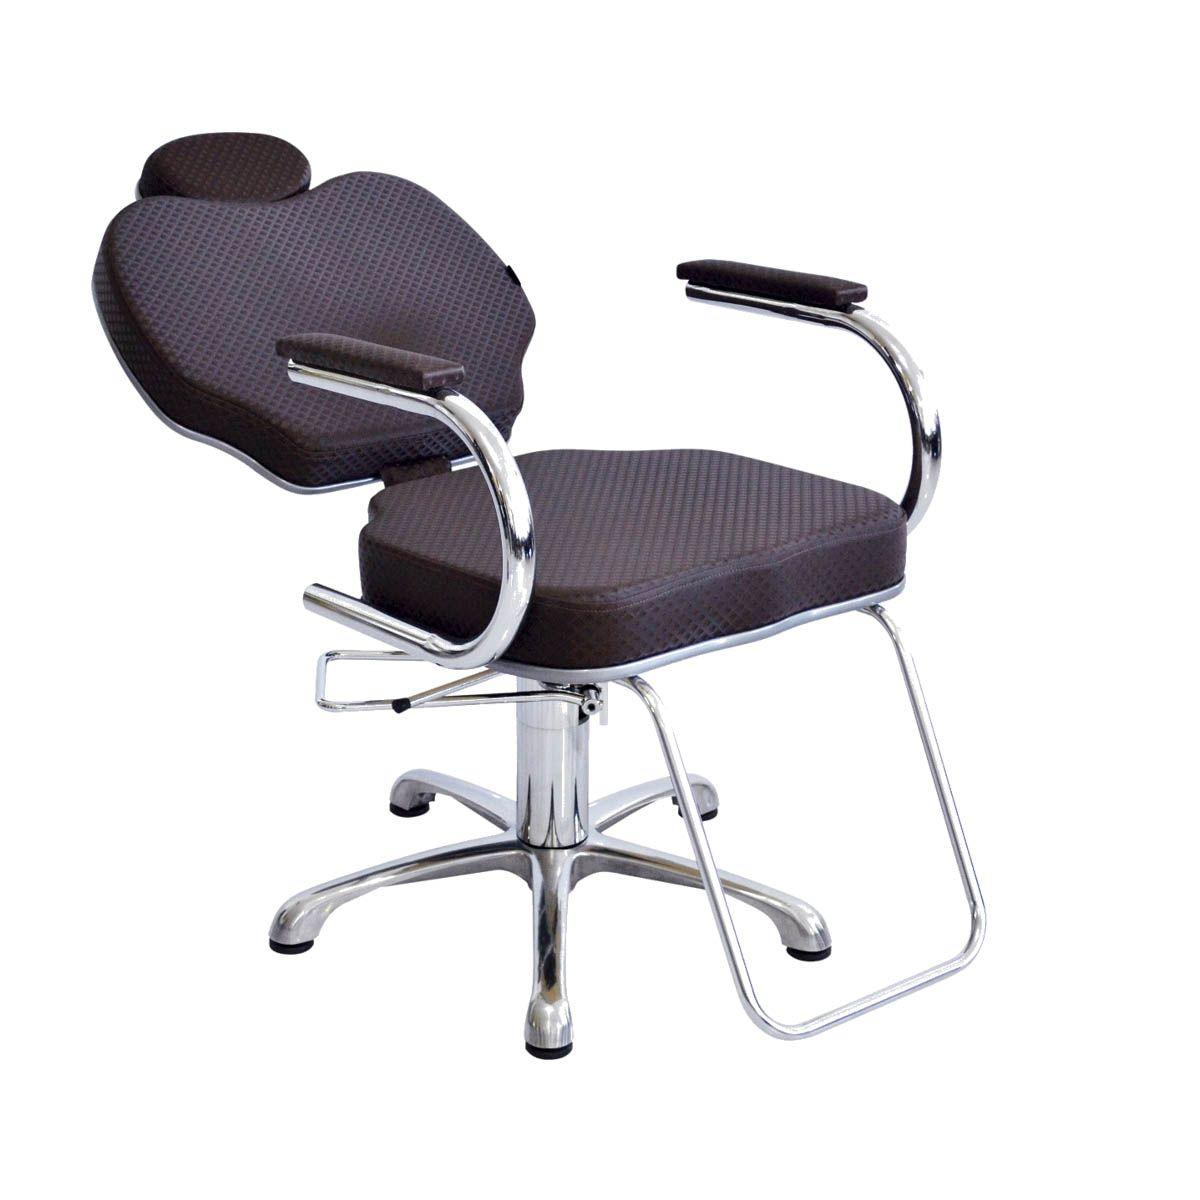 Cadeira Hidráulica Gobbi  Marrom + Lavatório Chic Cabeleireiro Marrom/Branco